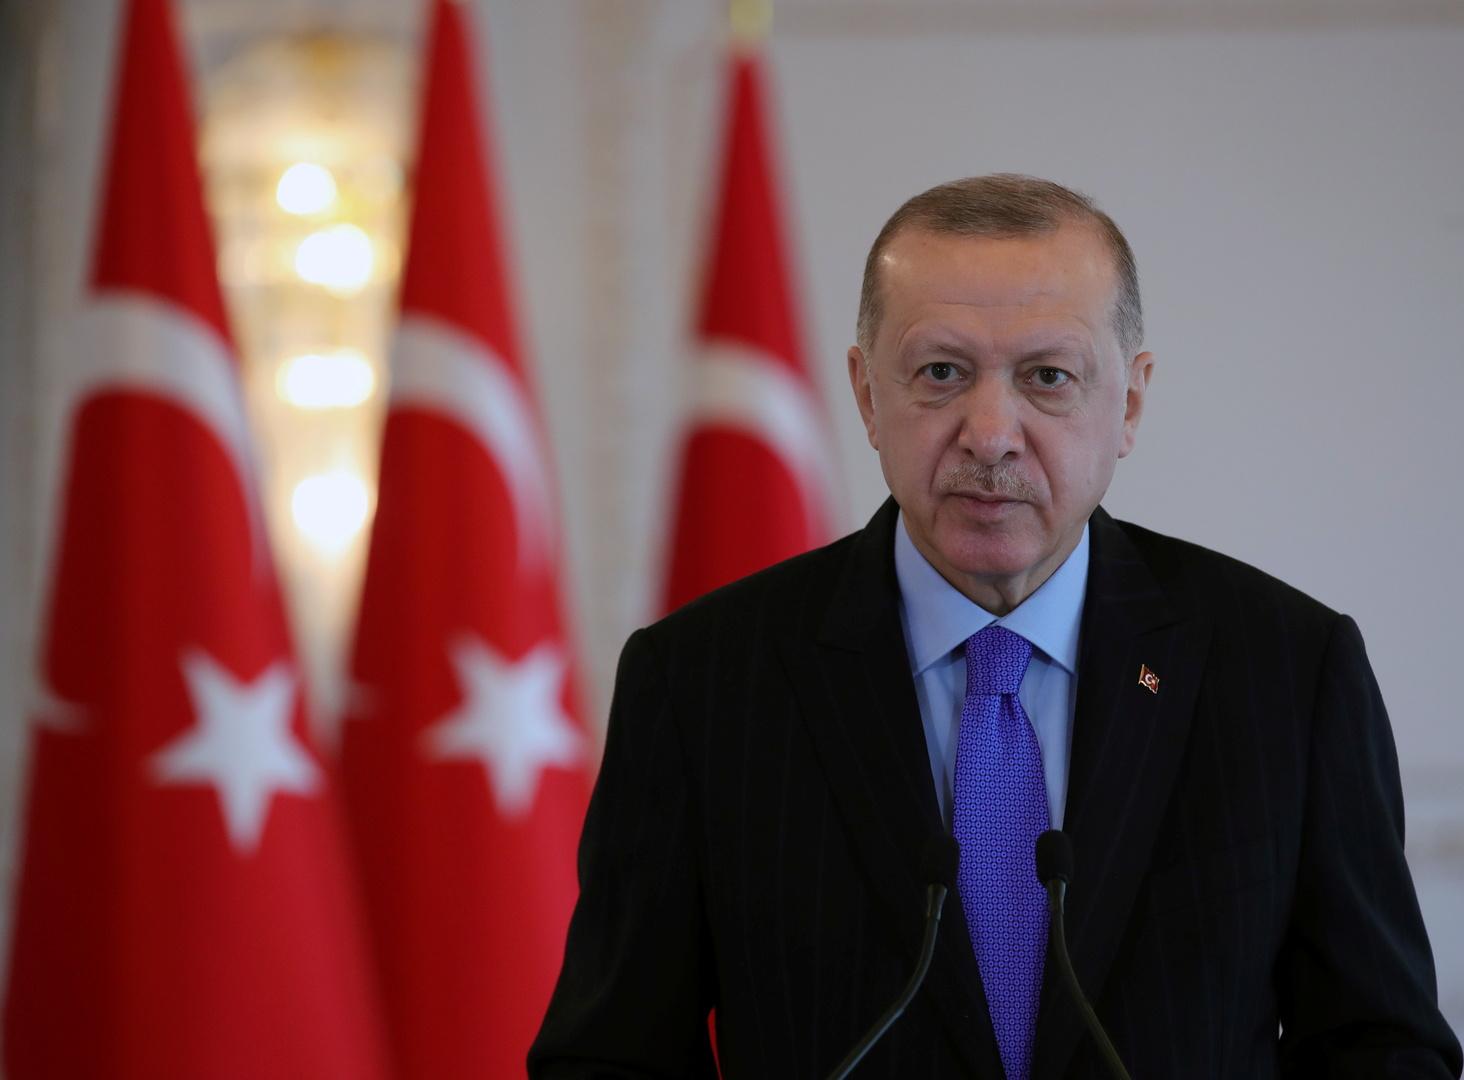 أردوغان: الأحداث الأخيرة في أوروبا وواشنطن أظهرت مجددا ازدواجية المعايير المتبعة ضد تركيا